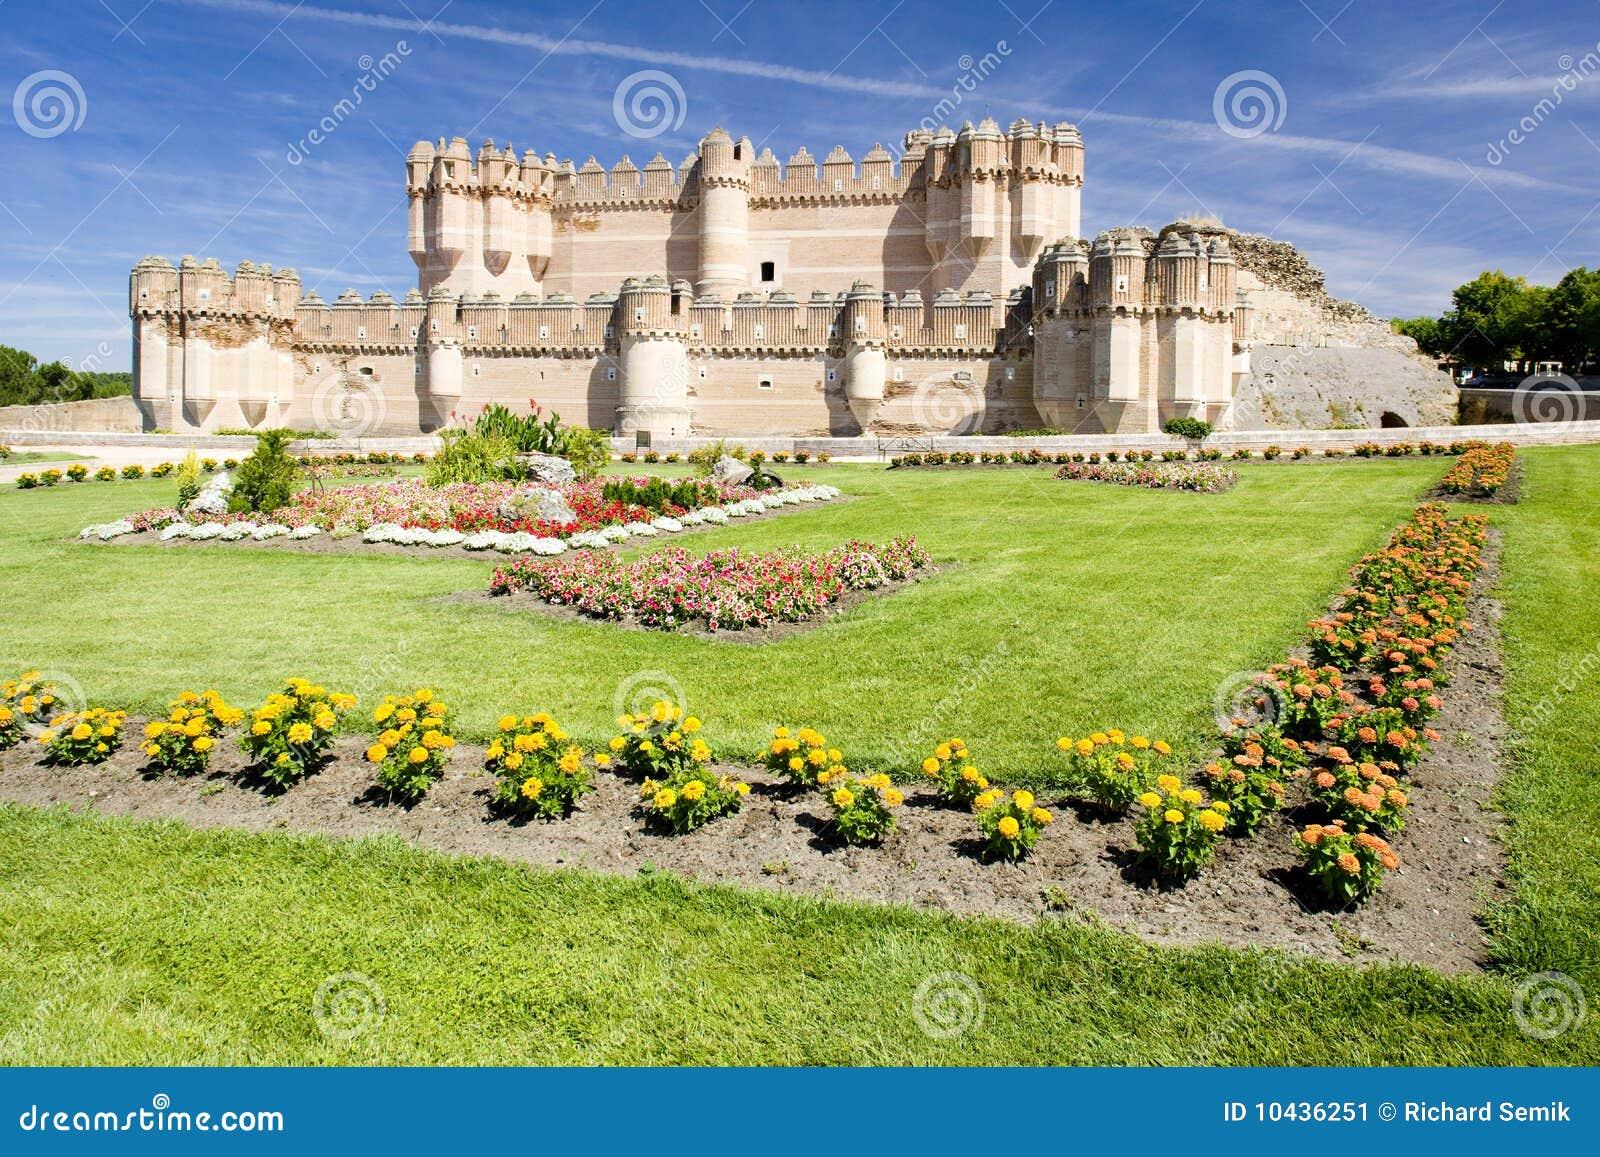 Castelo de coca 19460